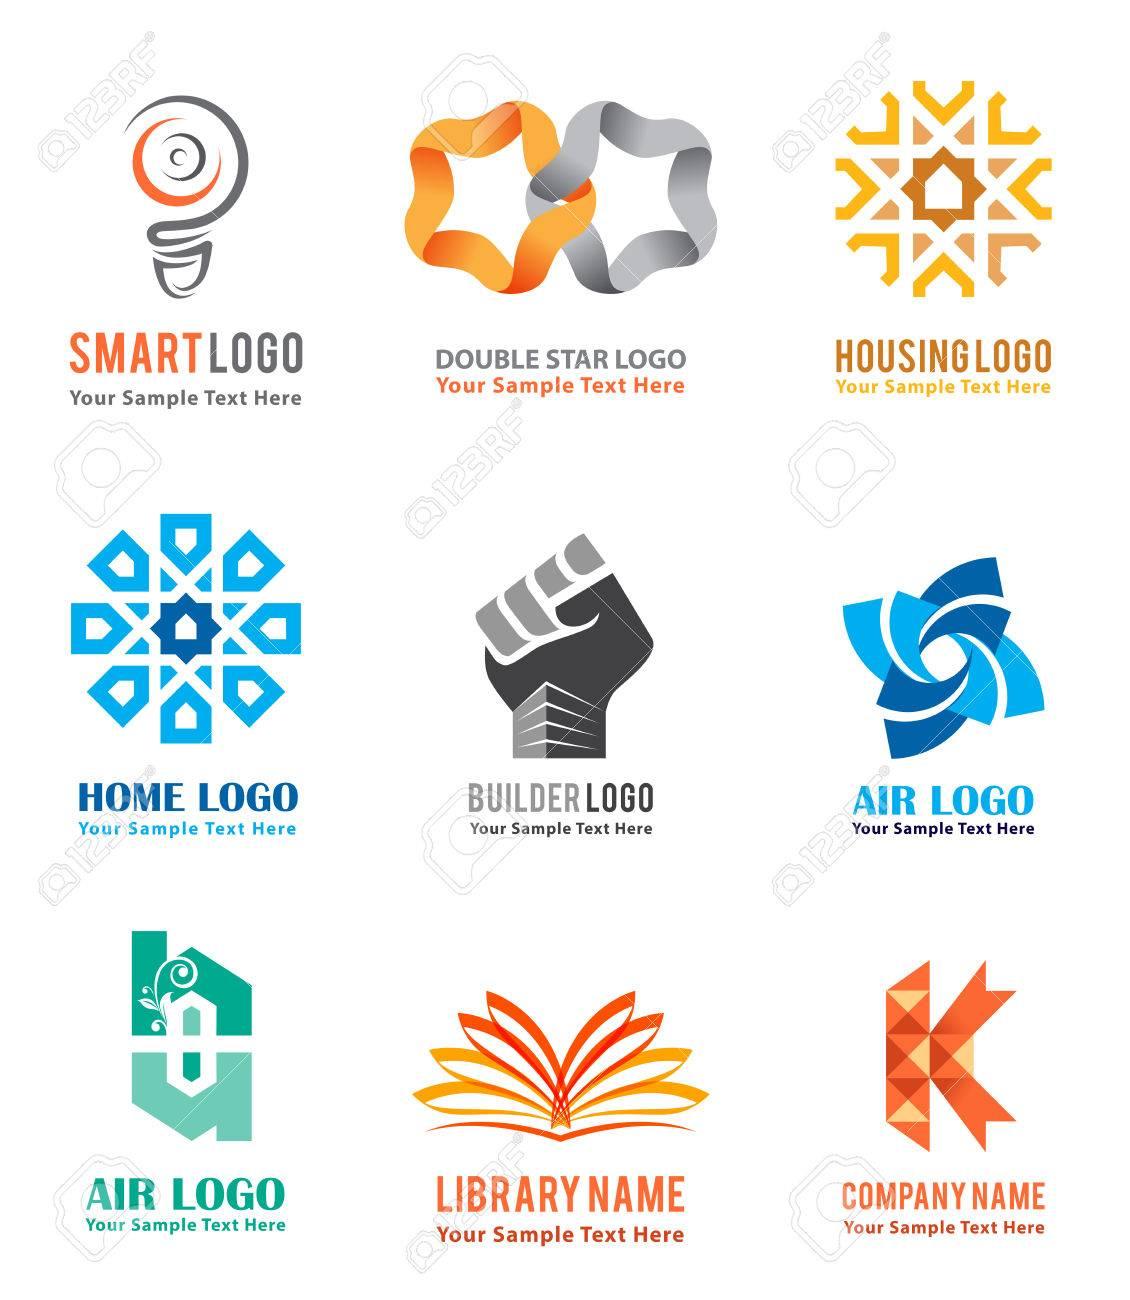 Exceptionnel Les Icônes De Logo Sont Définies Pour La Marque D'identité De L  JH69